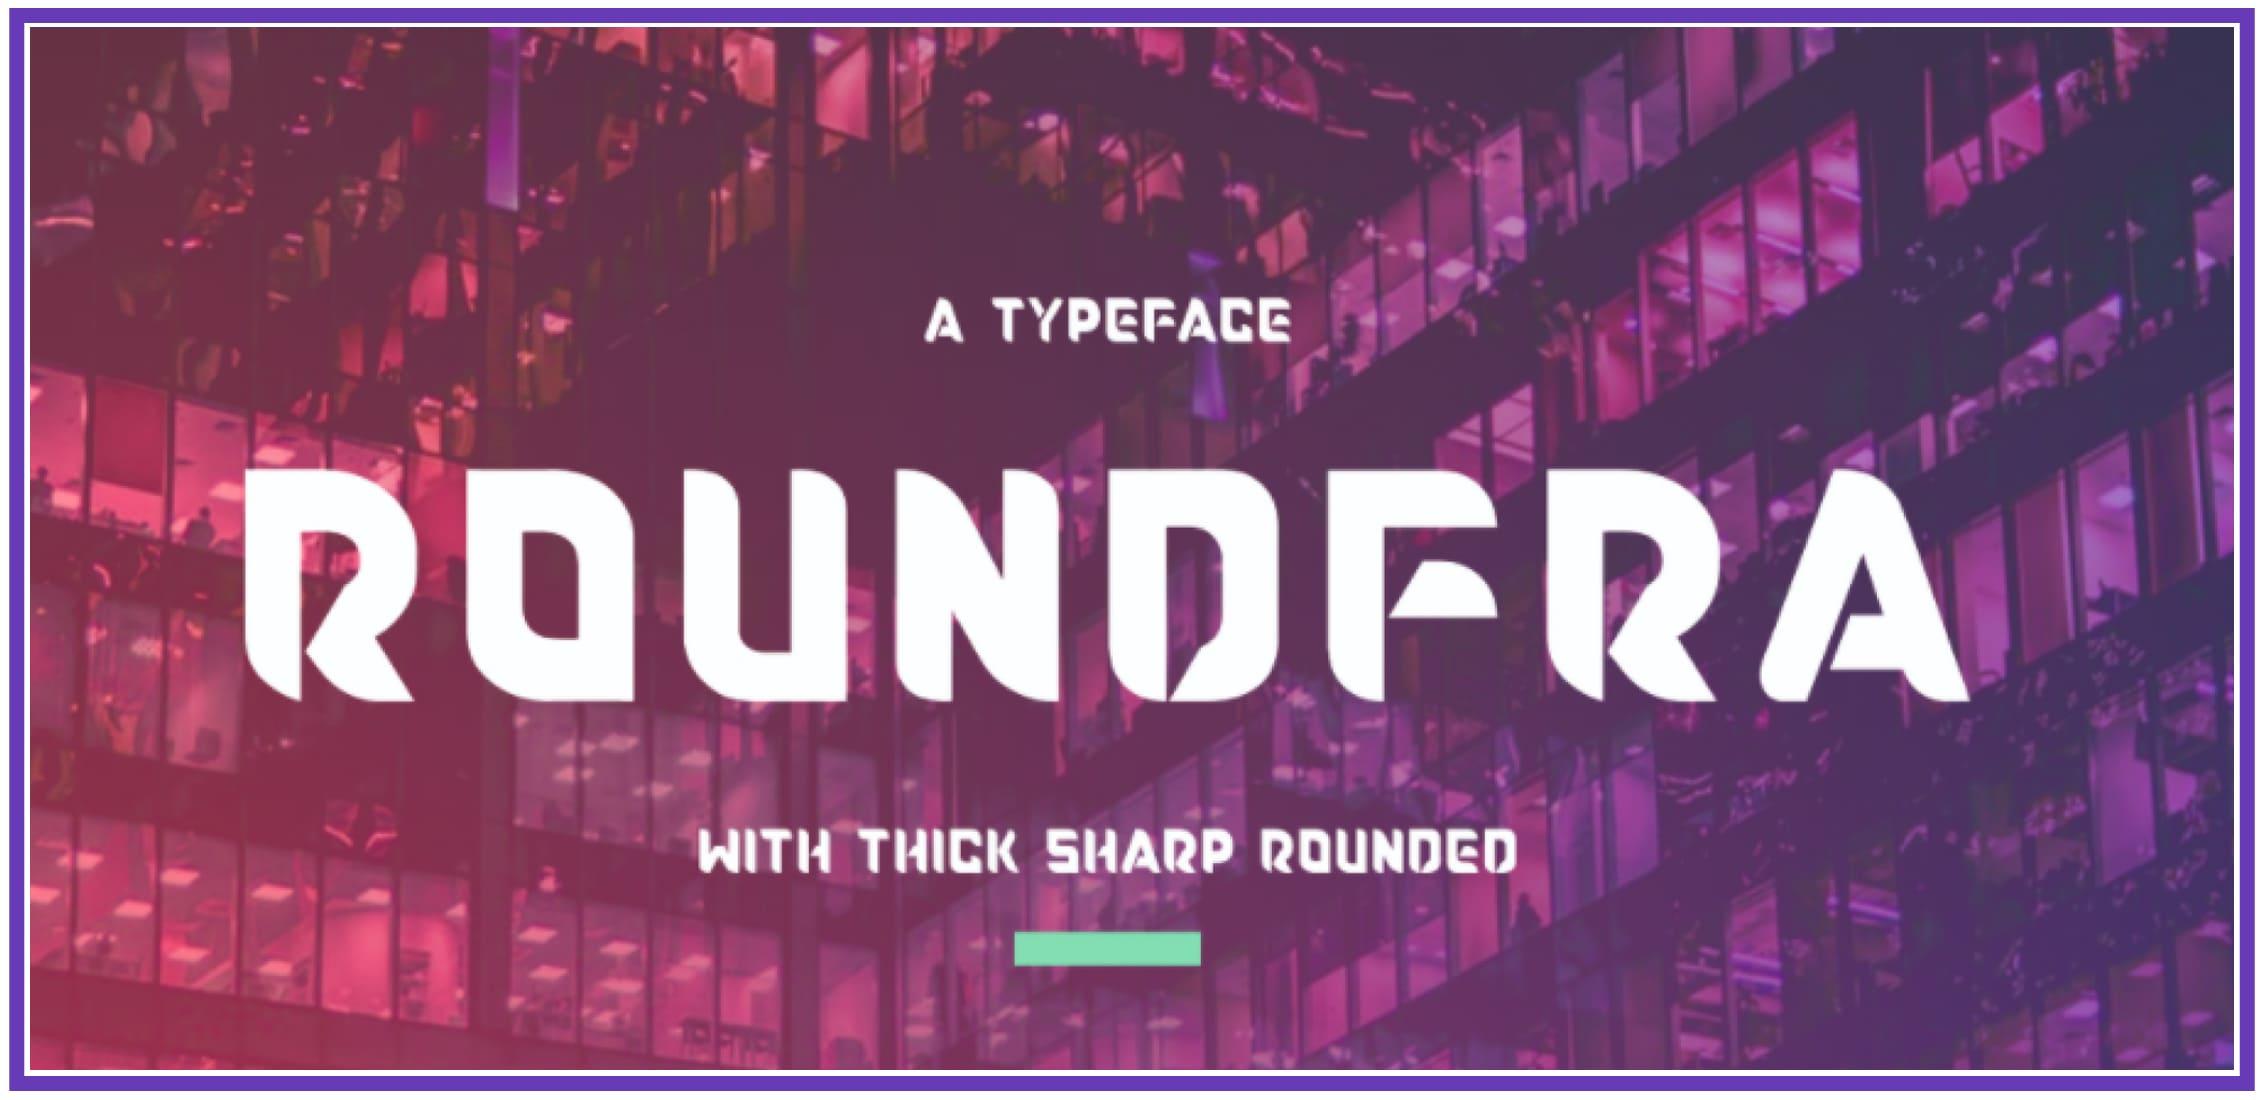 Futuristic Roundfra. Masculine Font.